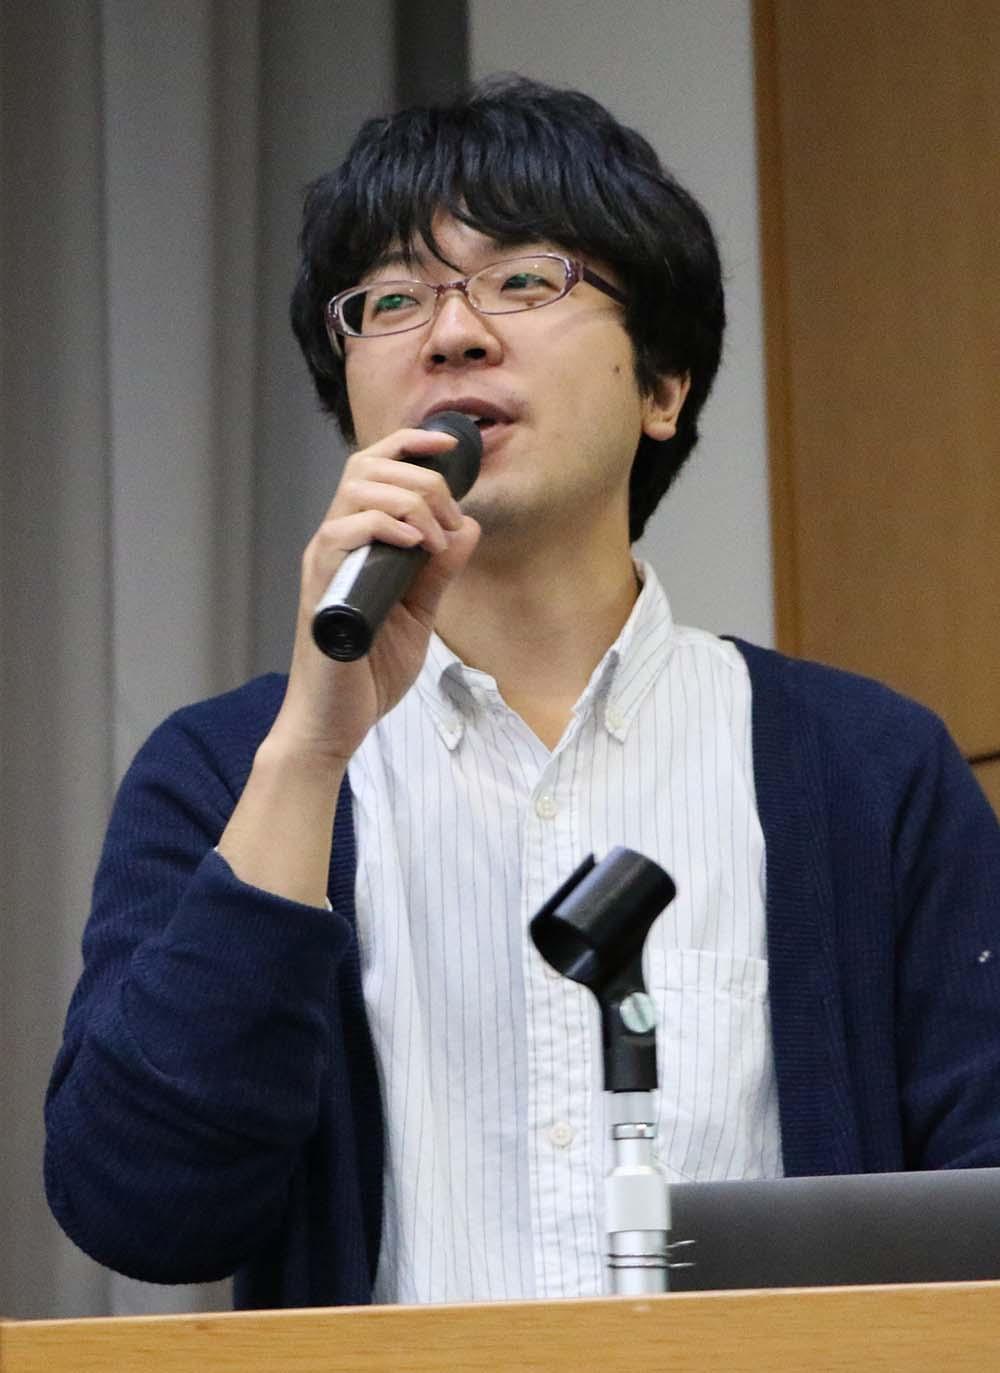 ユーモアたっぷりに自己紹介する川口さん